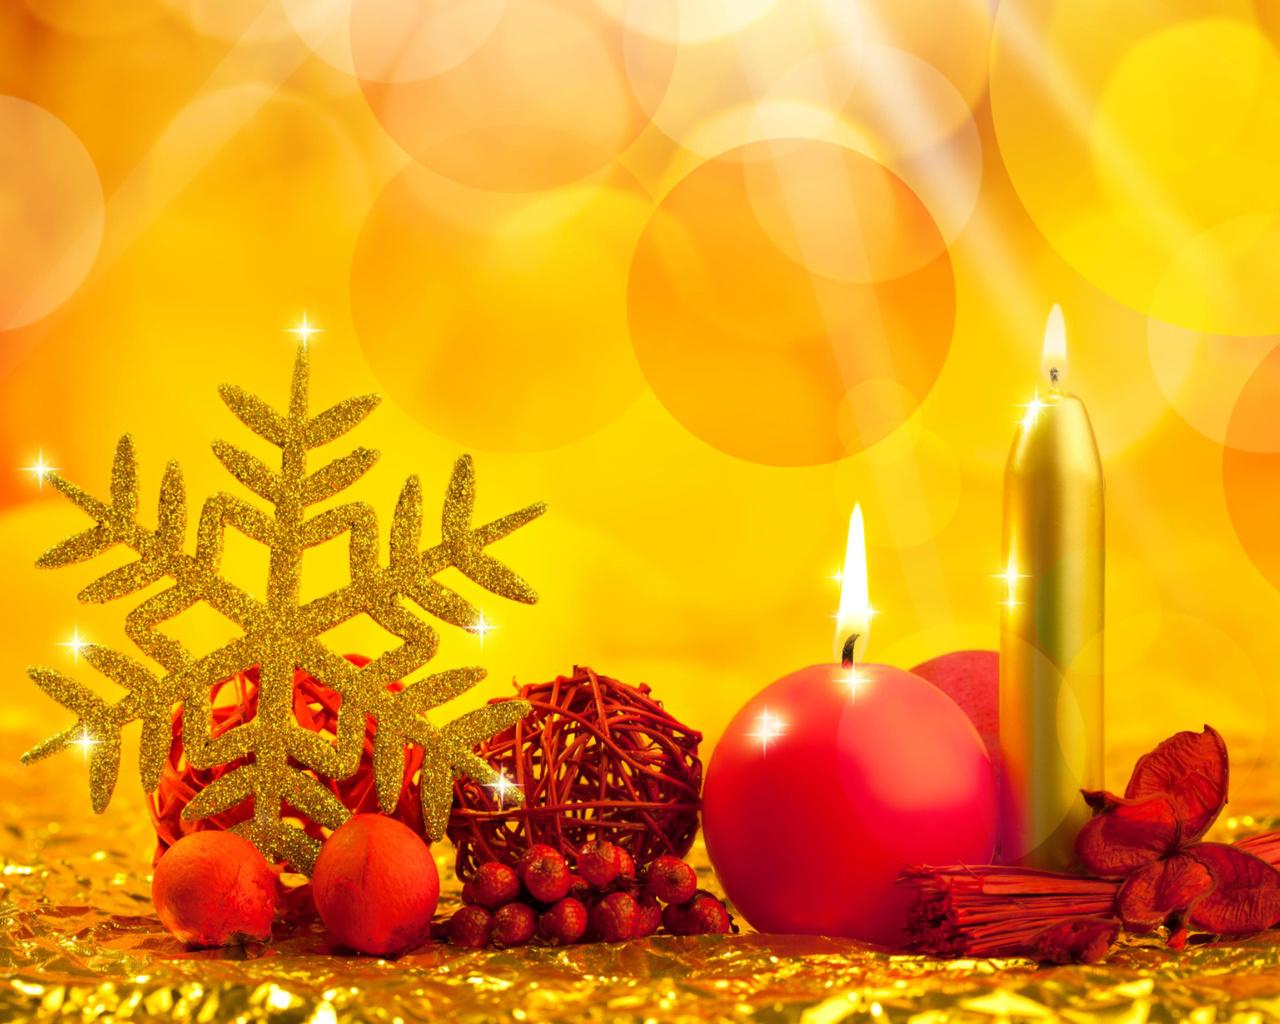 вам обязательно пожелания новогодние теплые концлагерь попадали